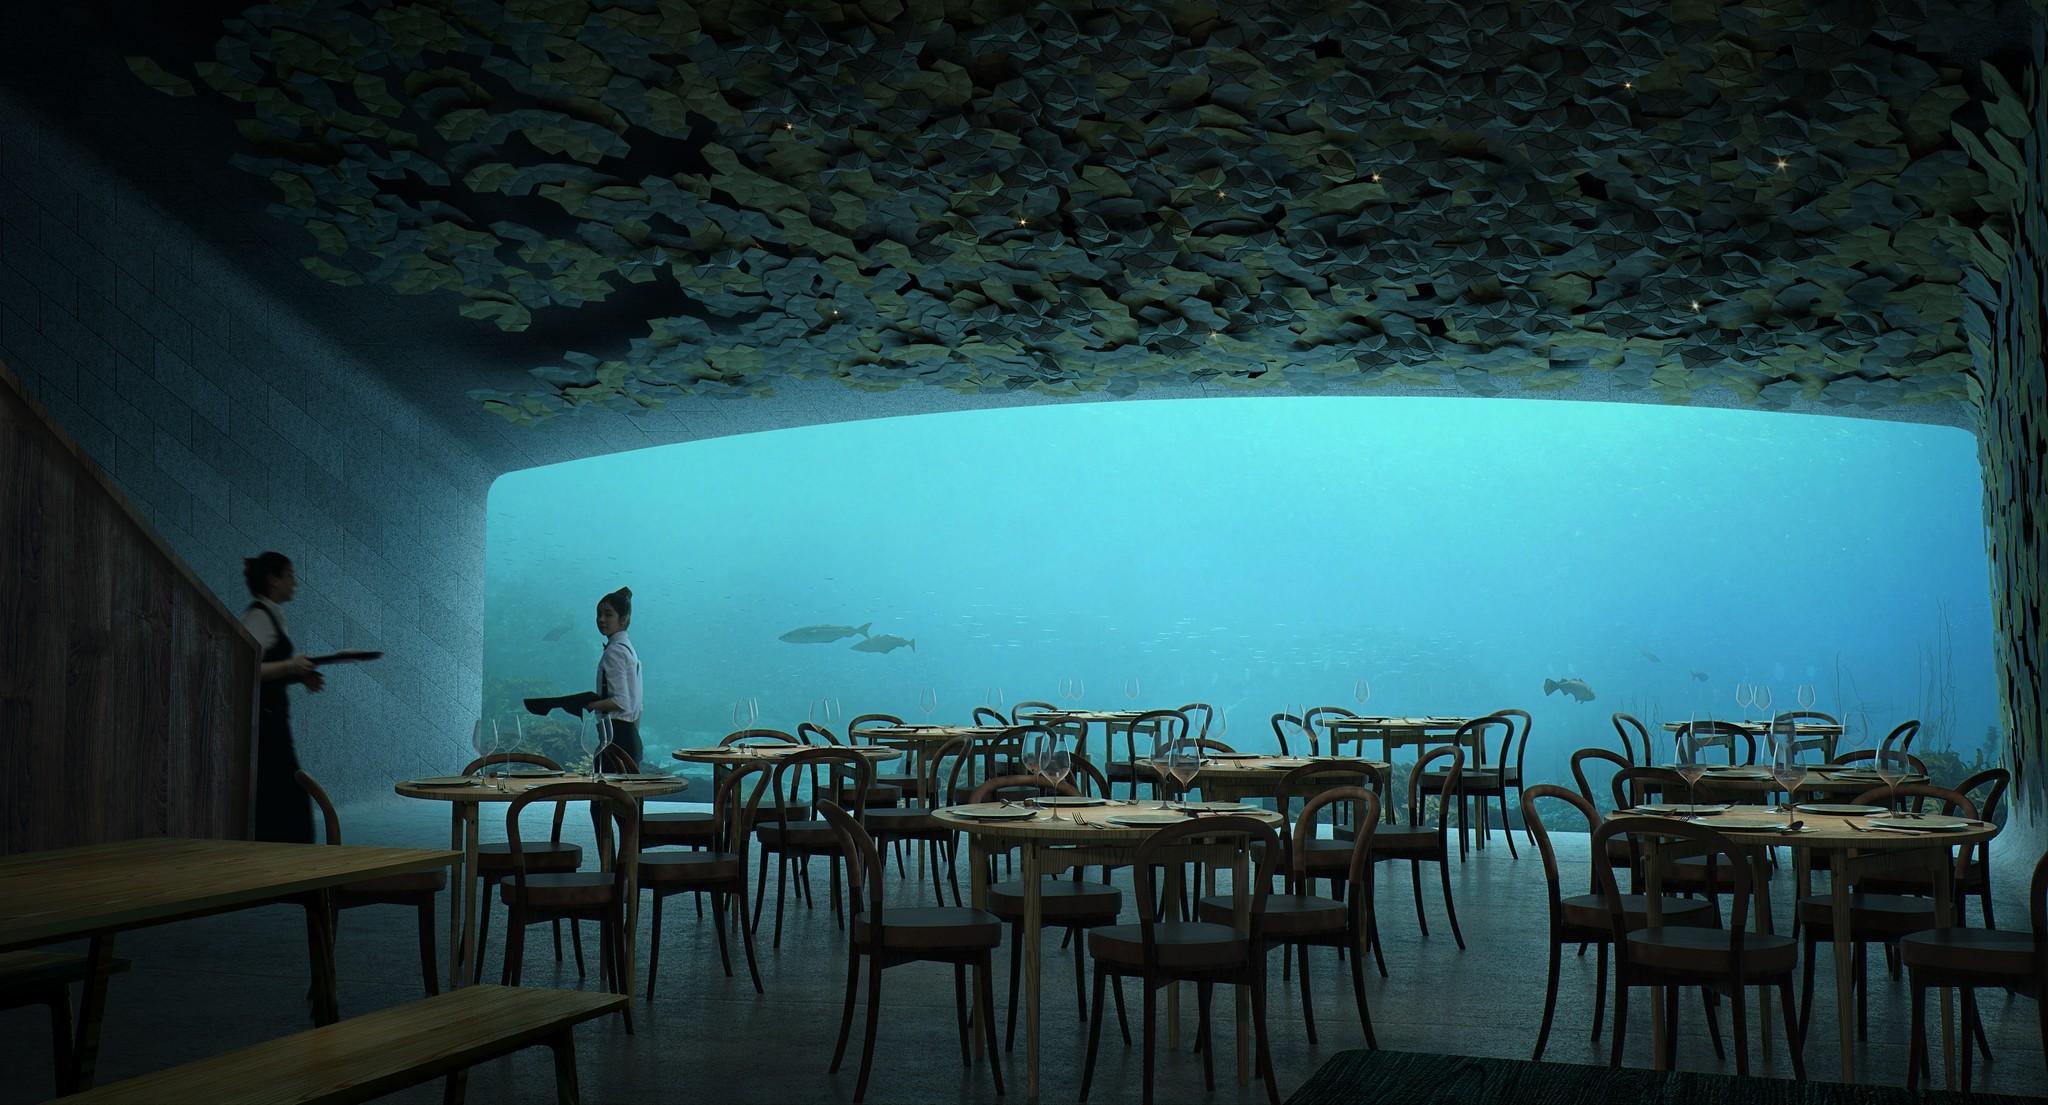 Render from inside the restaurent